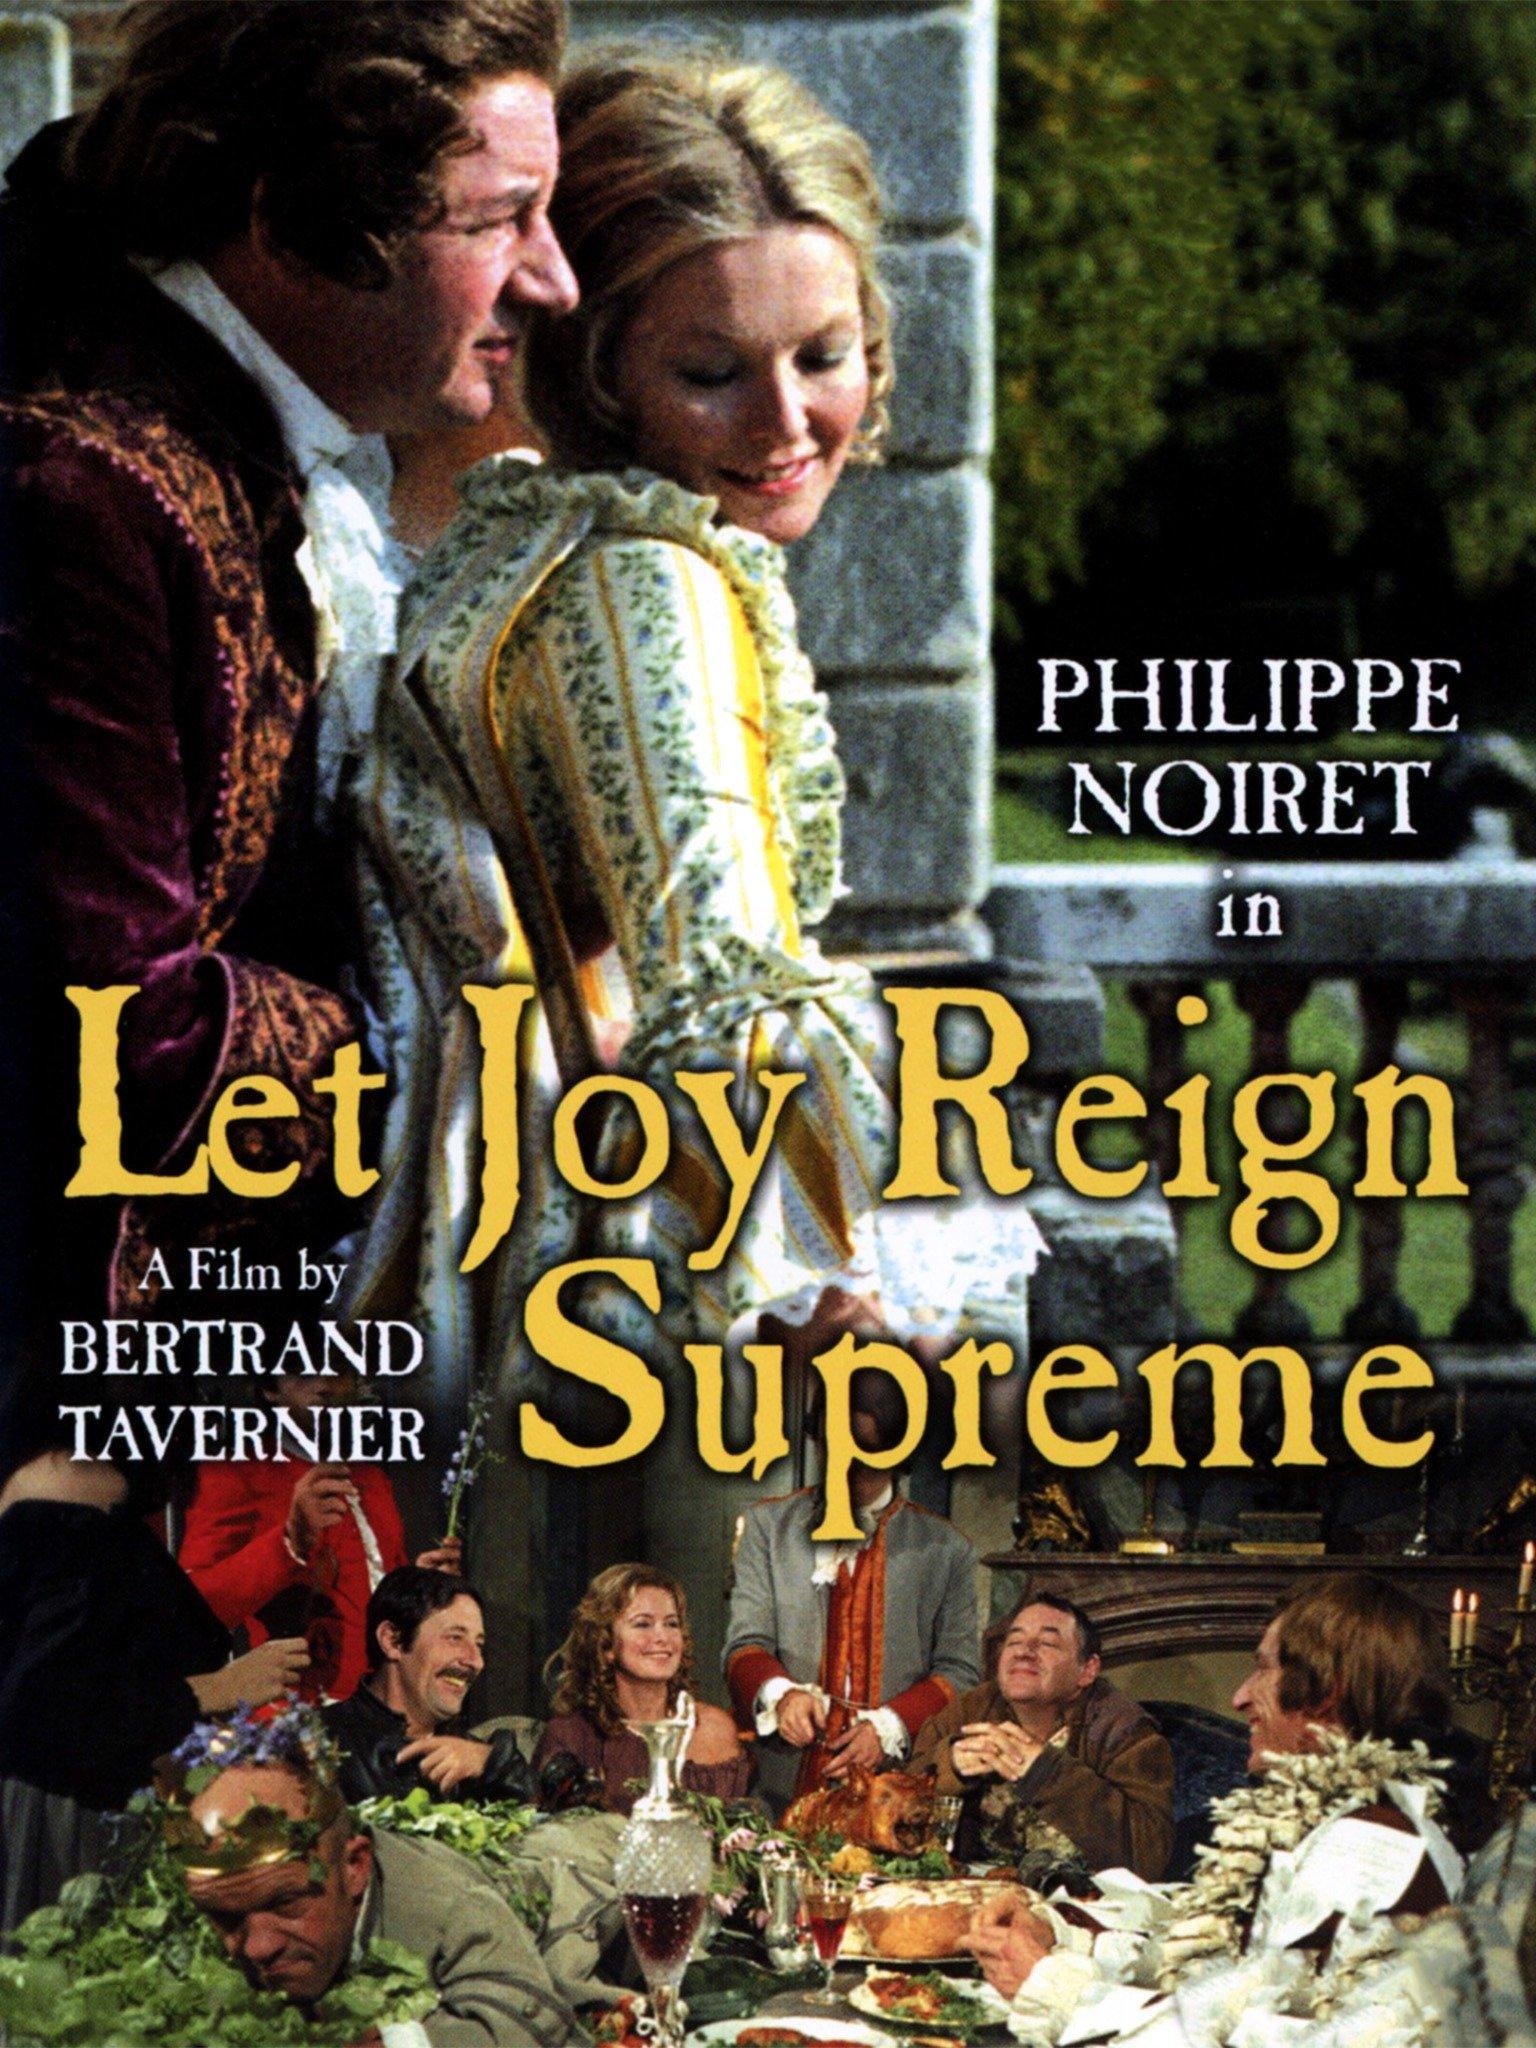 Que la fête commence... (Let Joy Reign Supreme)